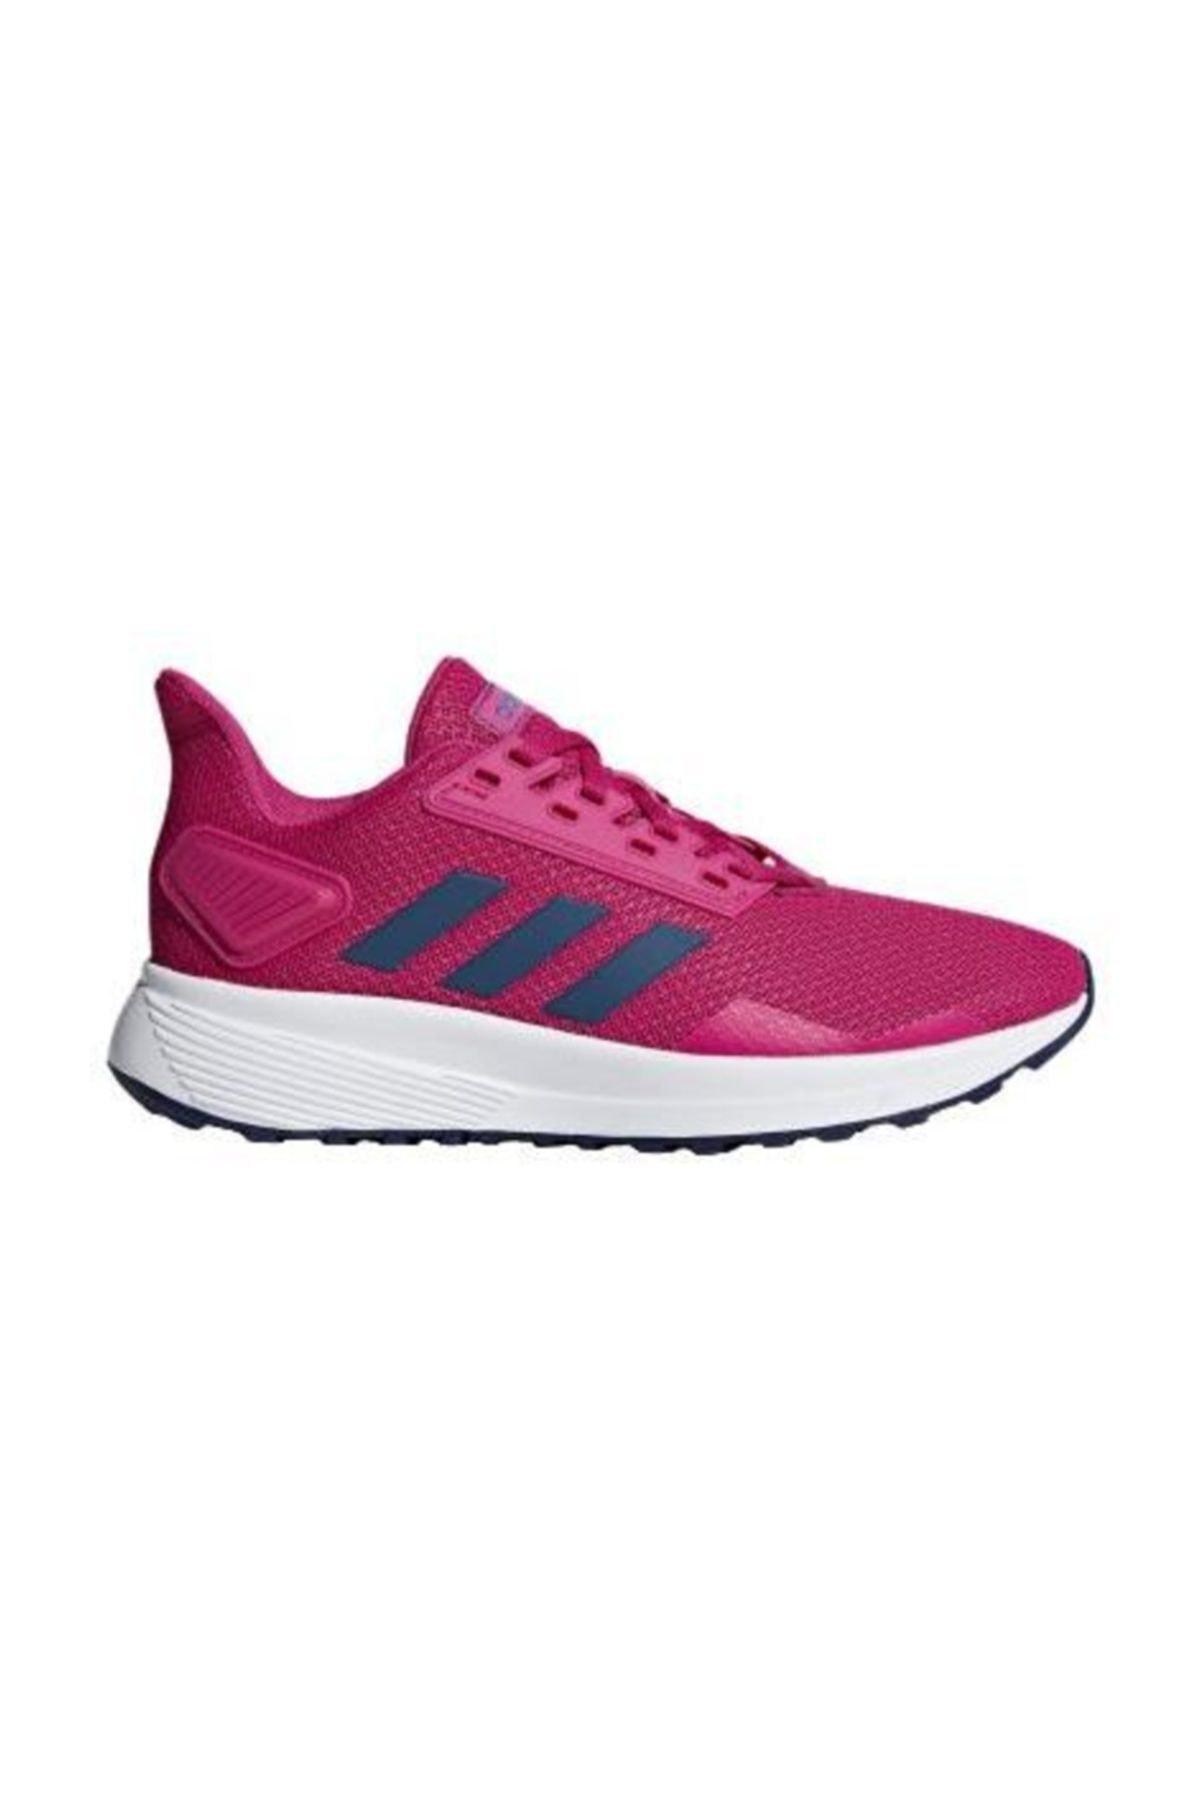 adidas DURAMO 9 K Pembe Kadın Koşu Ayakkabısı 100409040 2